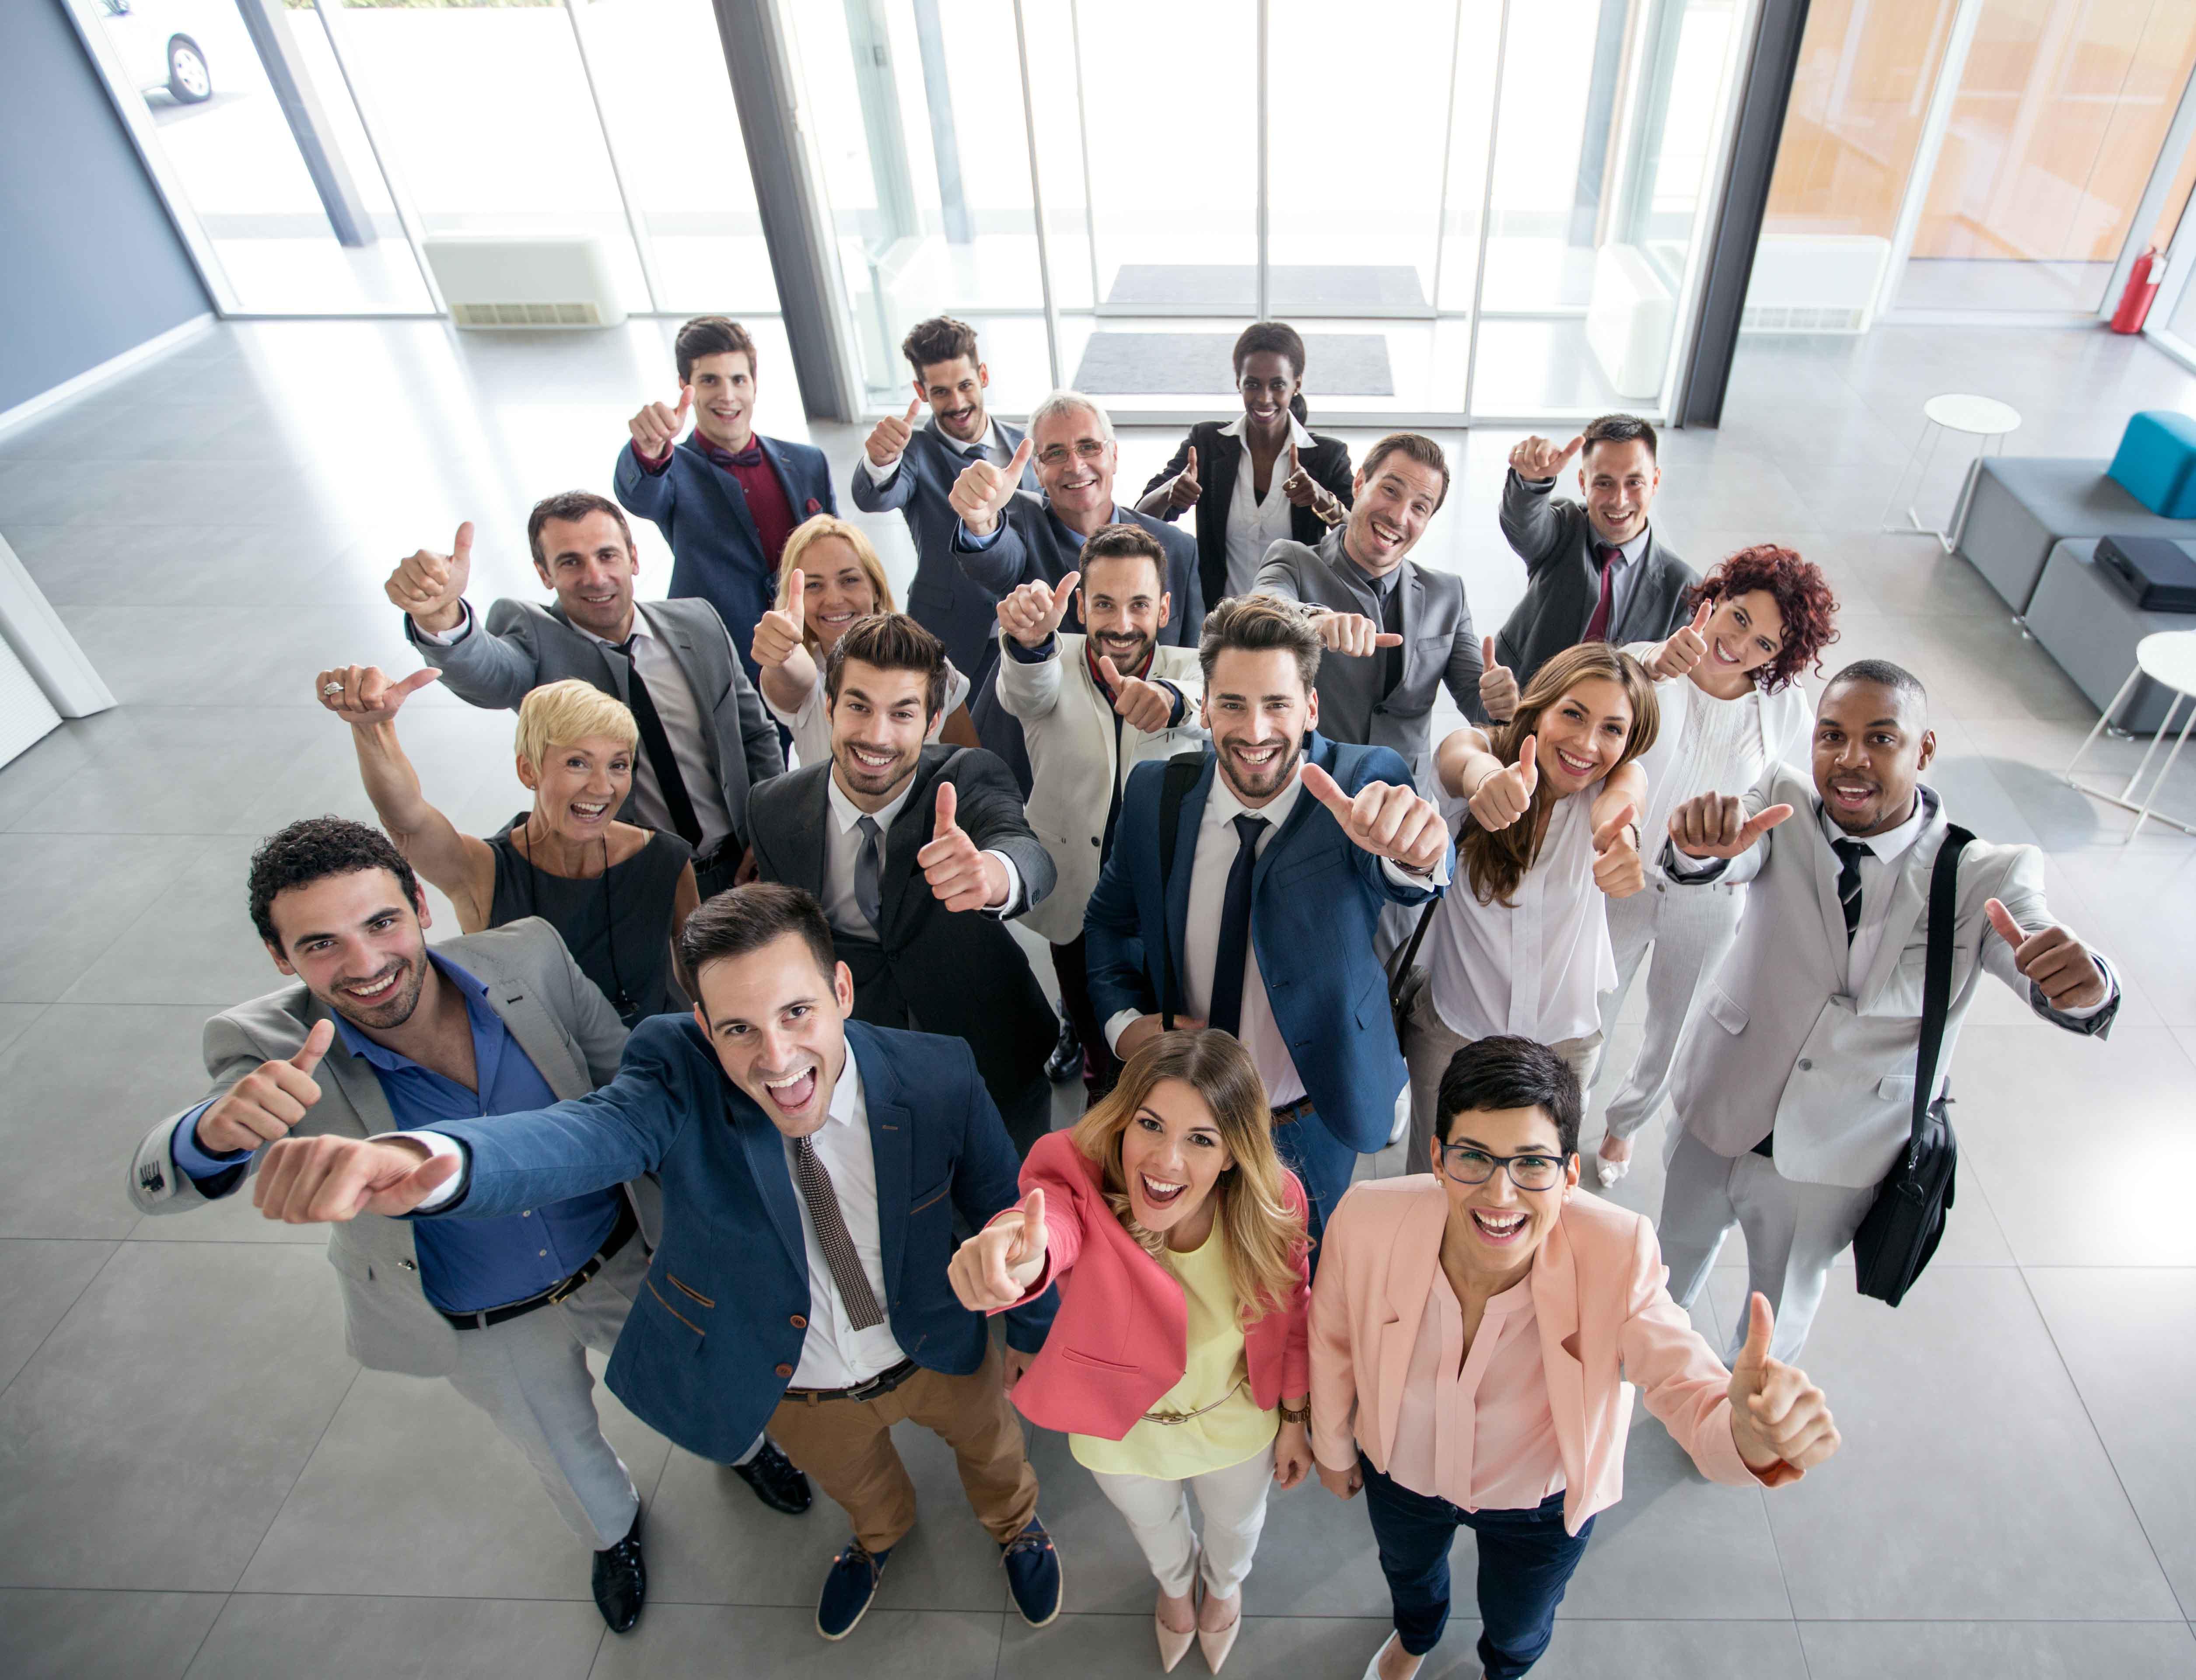 Grupo de trabajadores jóvenes sonrientes